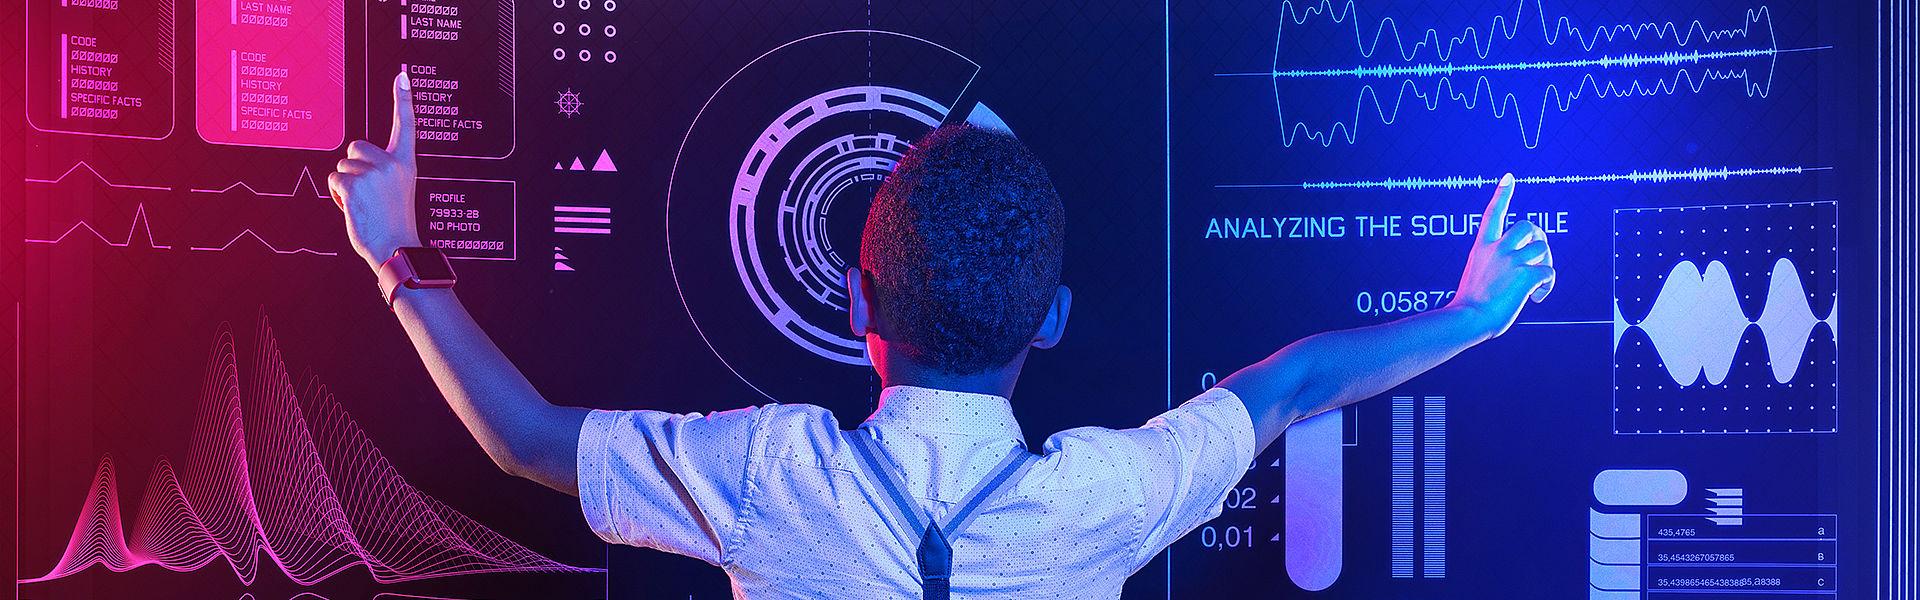 Bild: Academy Bremerhaven- Thema Digital lernen